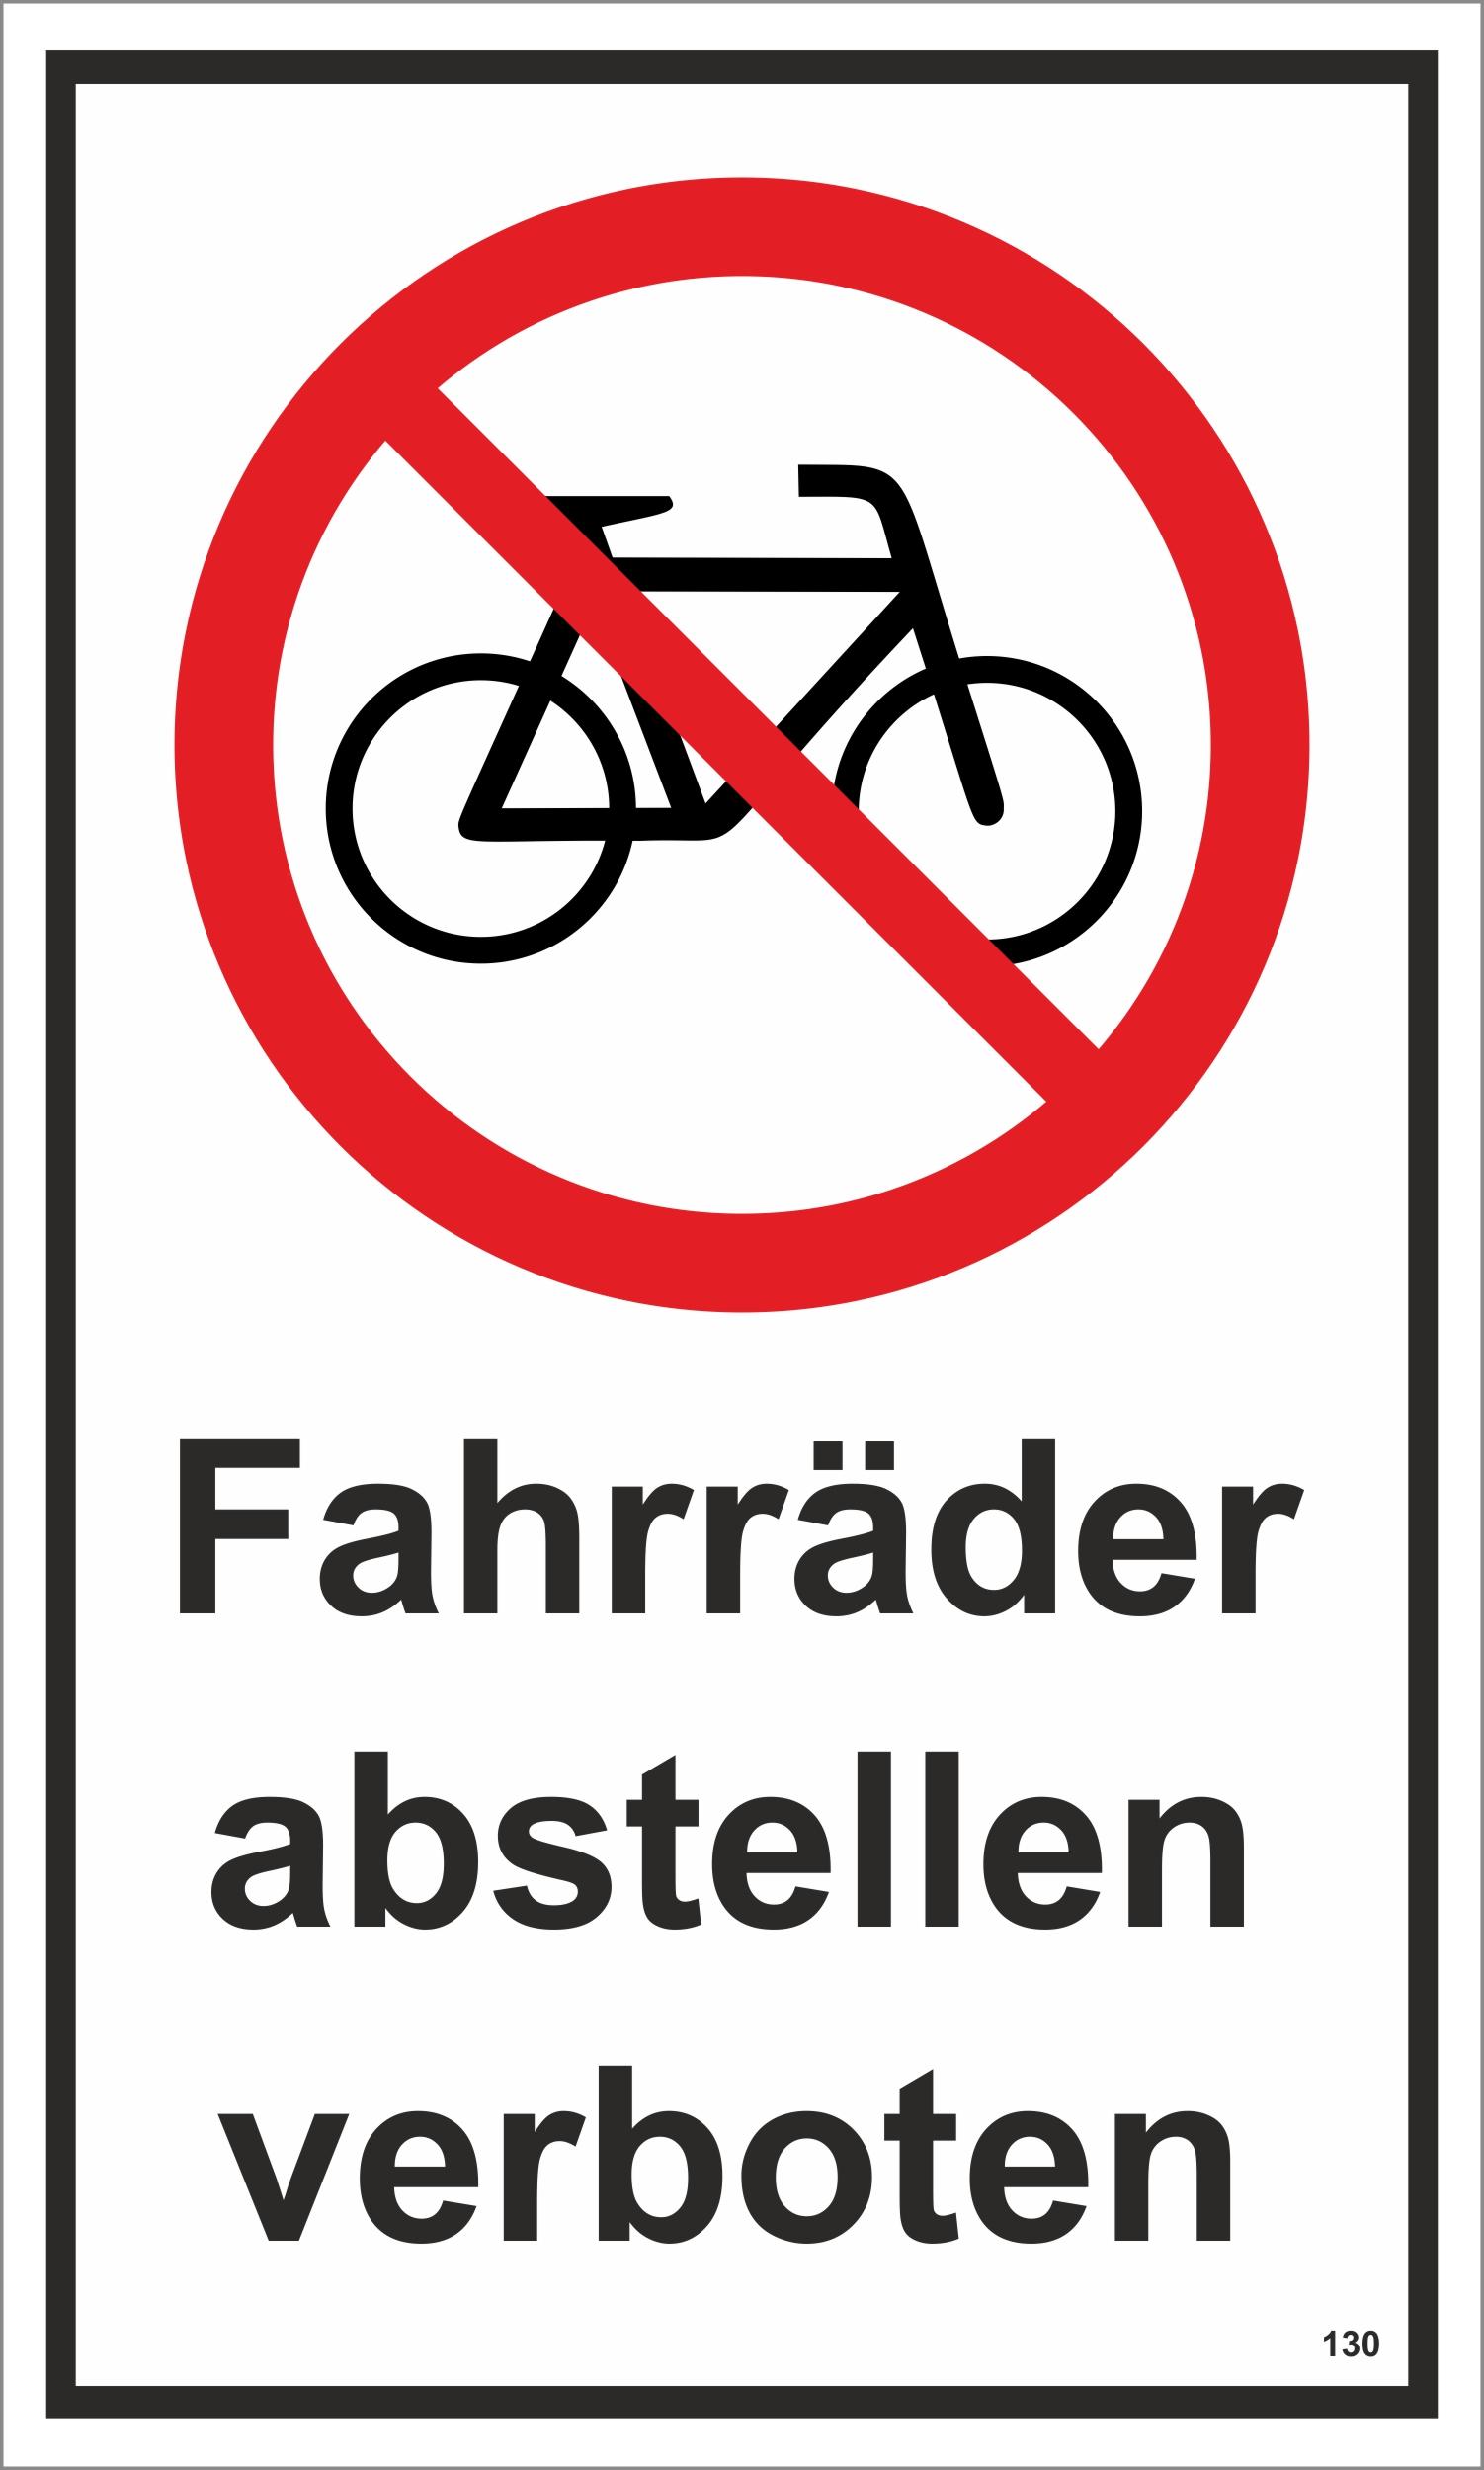 Fahrräder abstellen verboten 250 x 150 mm Warn- Hinweis- und Verbotsschild PST-Kunststoff  – Bild 1